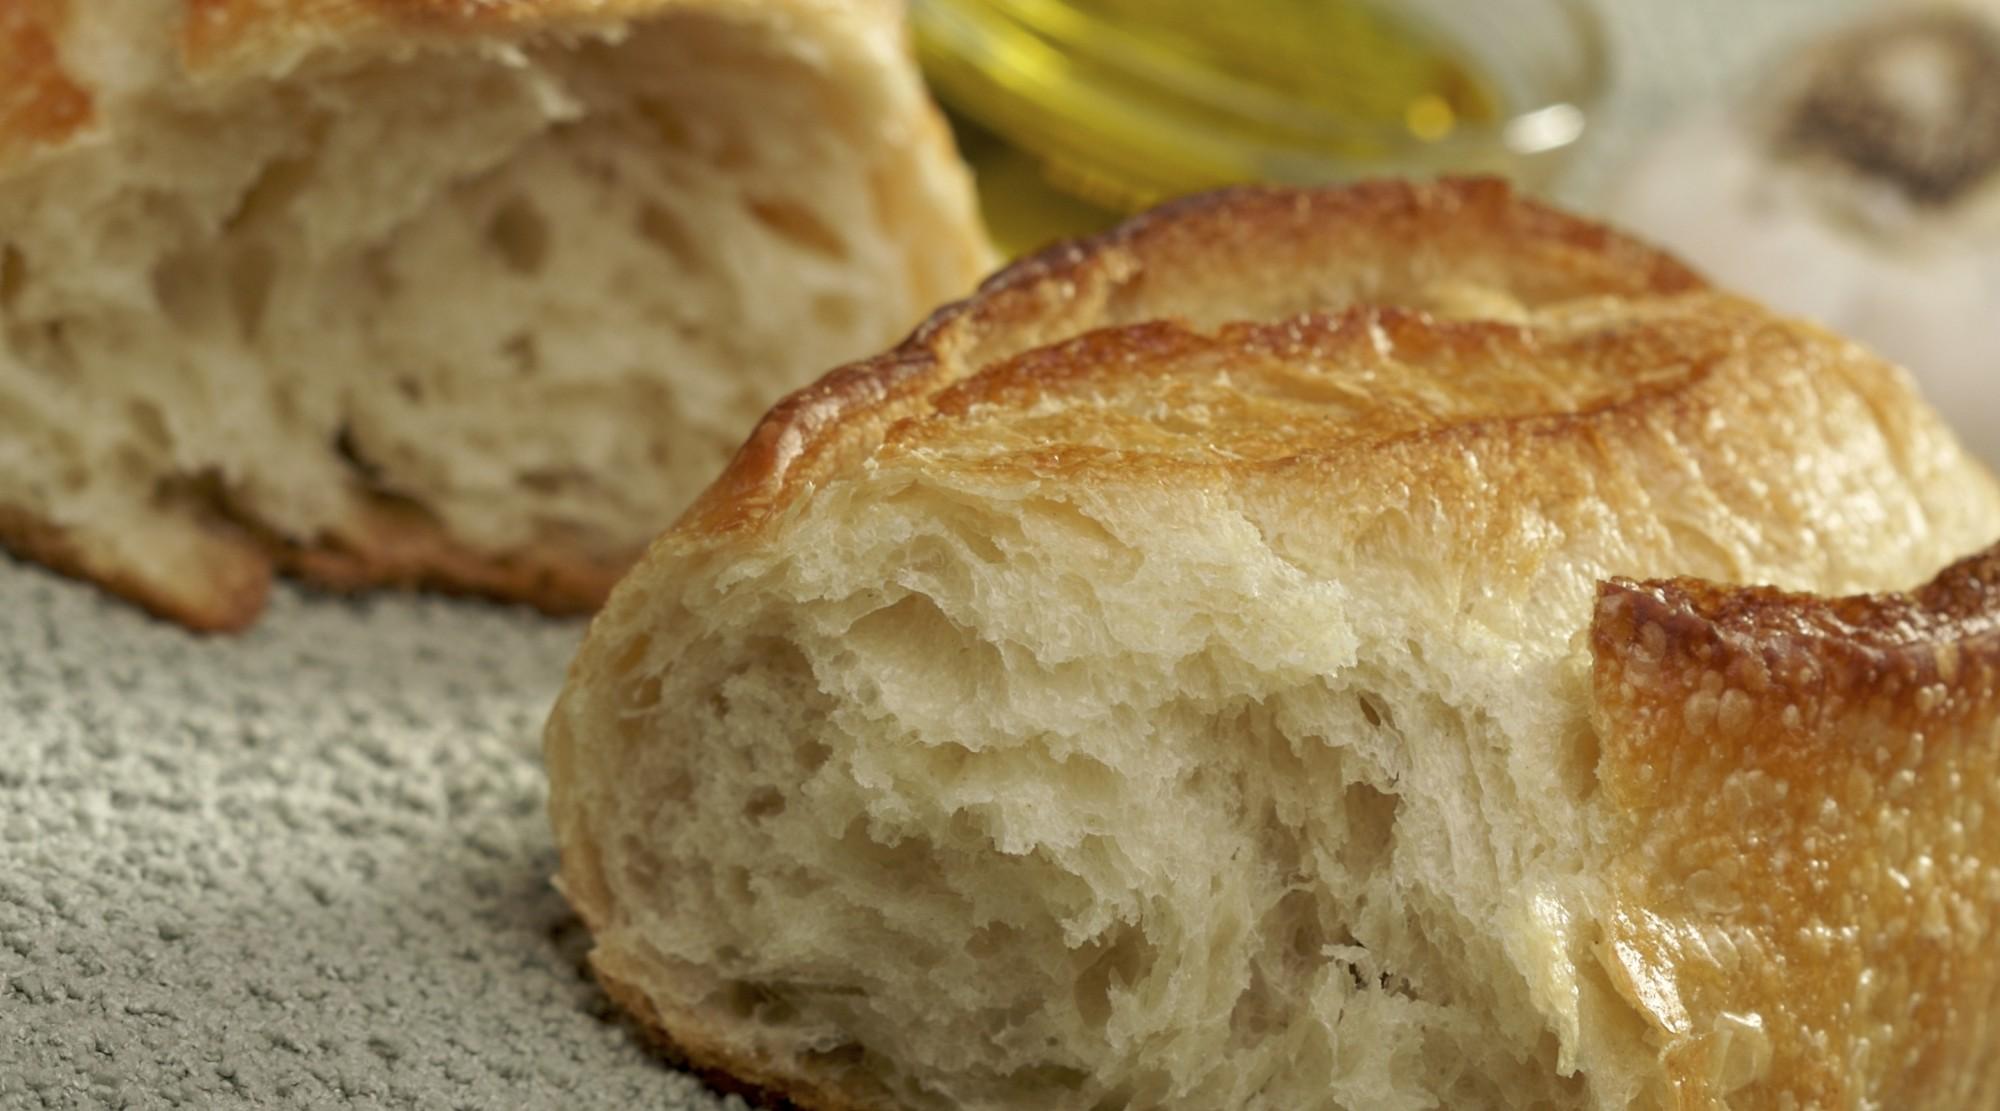 Hannah's bread, The Splendid Table